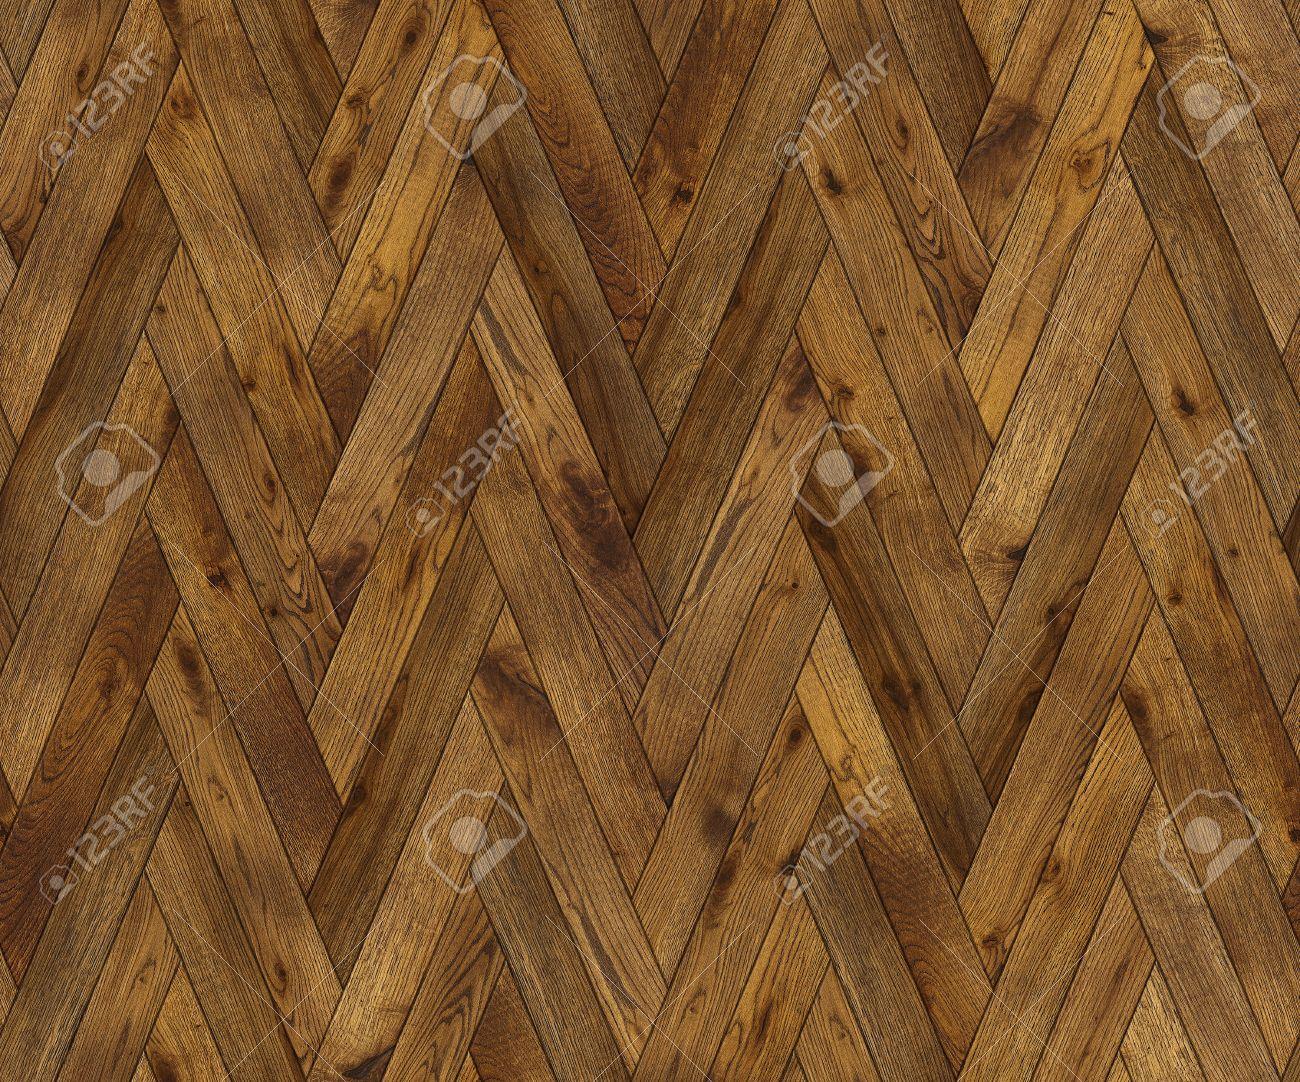 Fischgrät parkett textur  Natürliche Holz Hintergrund Fischgrät, Grunge Parkettboden Design ...